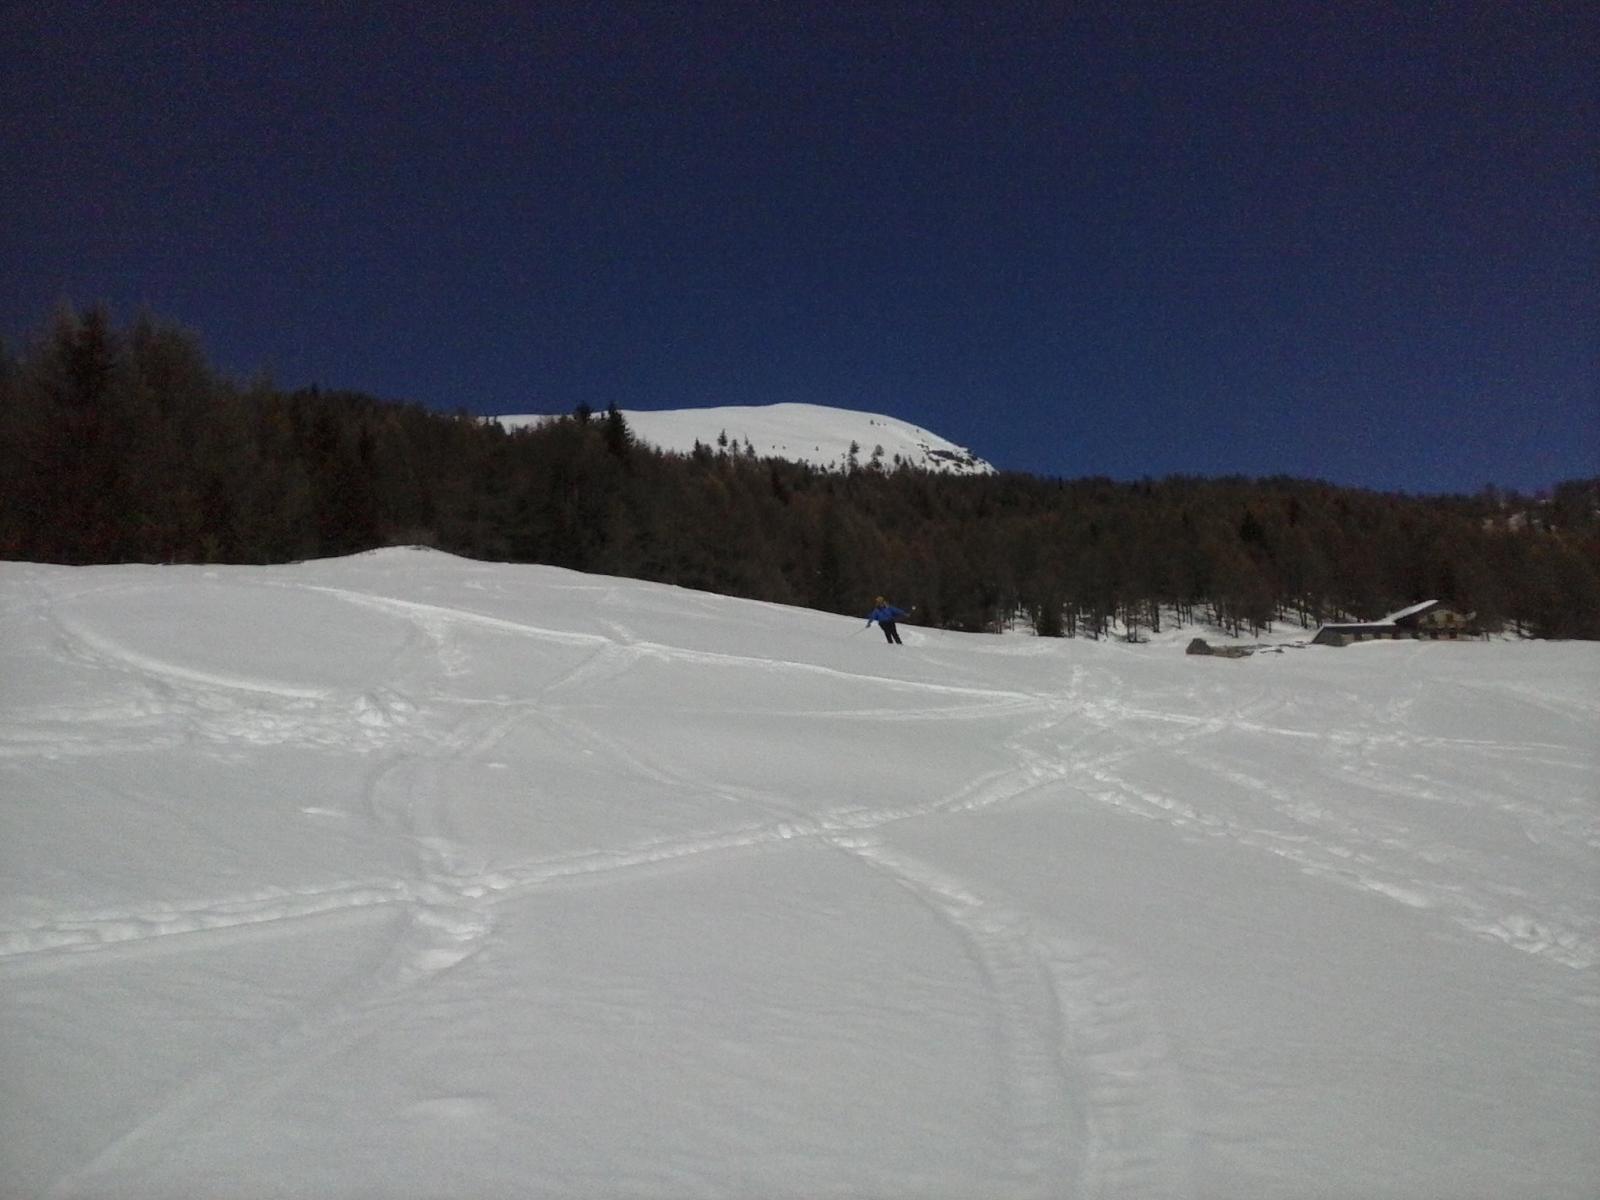 il sottoscritto all'uscita dal bosco in neve pesantina...